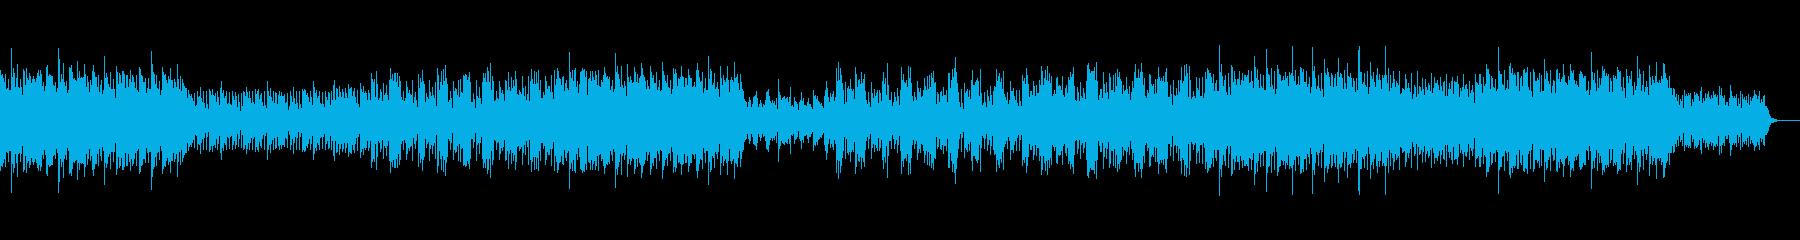 【メロ・サビリフ無】ラテン系ダンス音楽の再生済みの波形